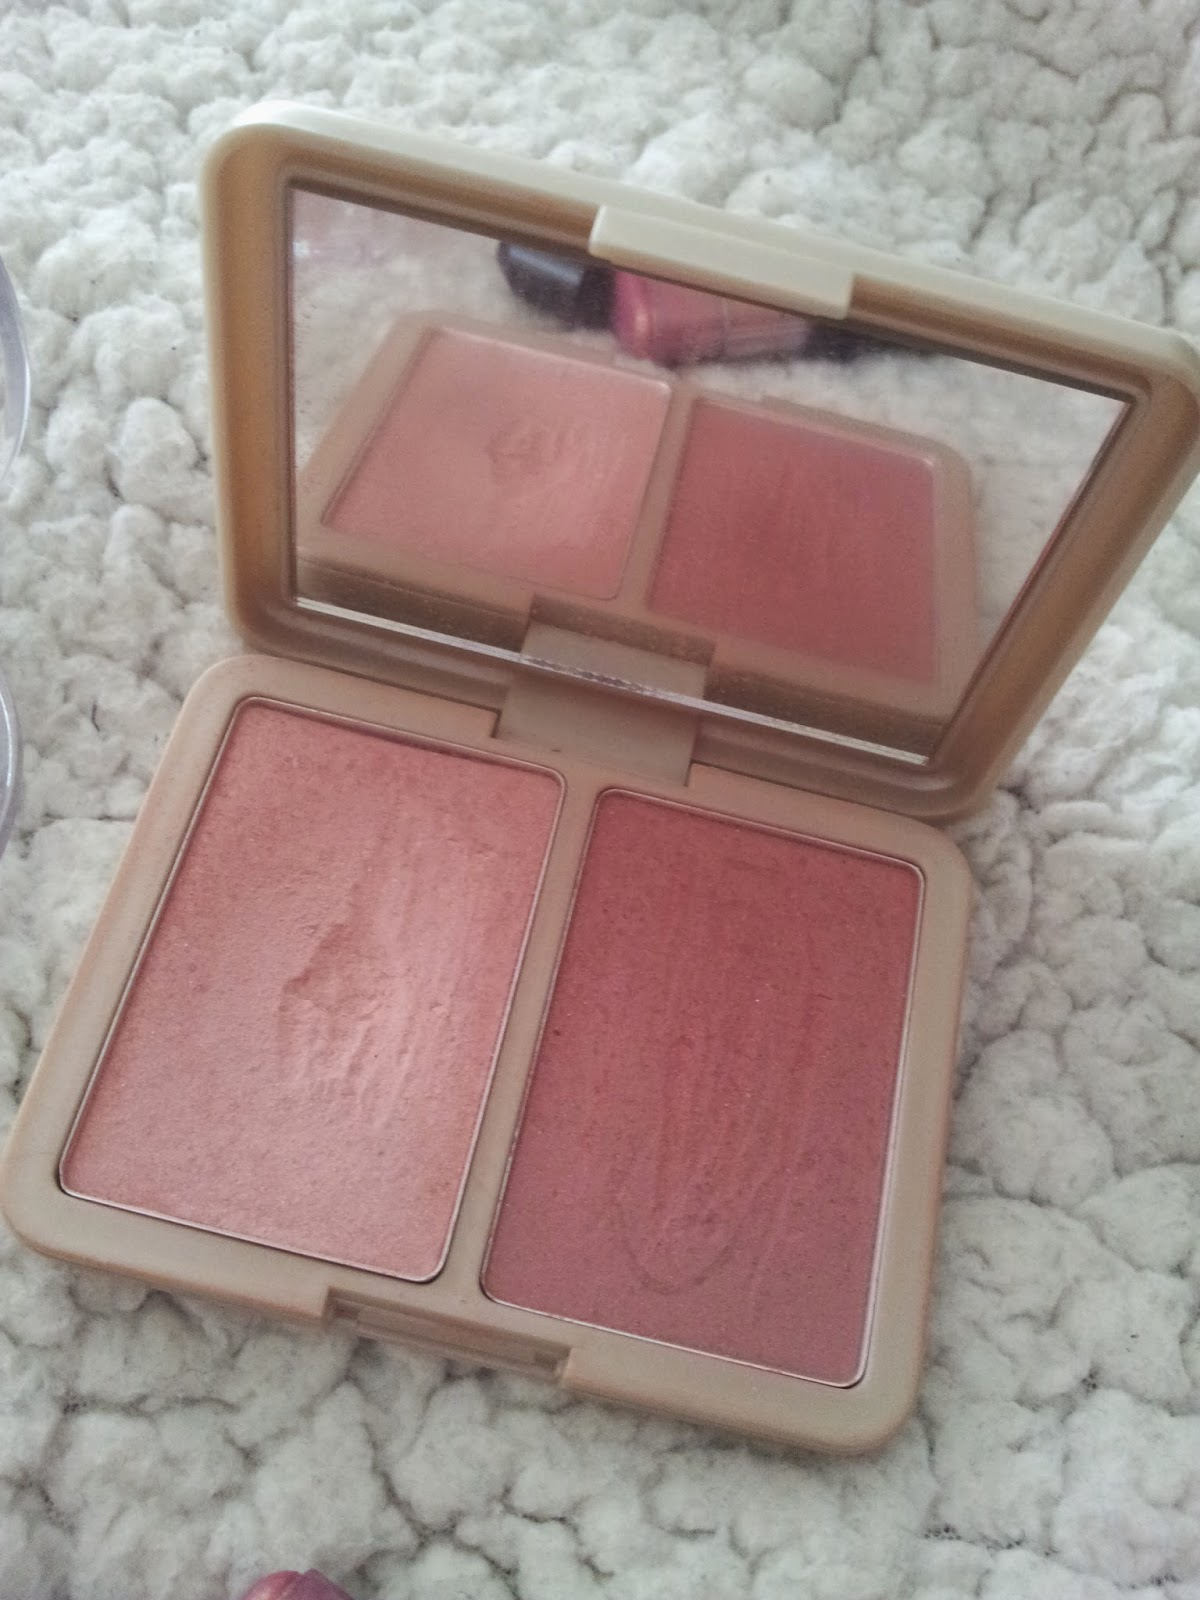 blush-maquillage-test-rose-logona